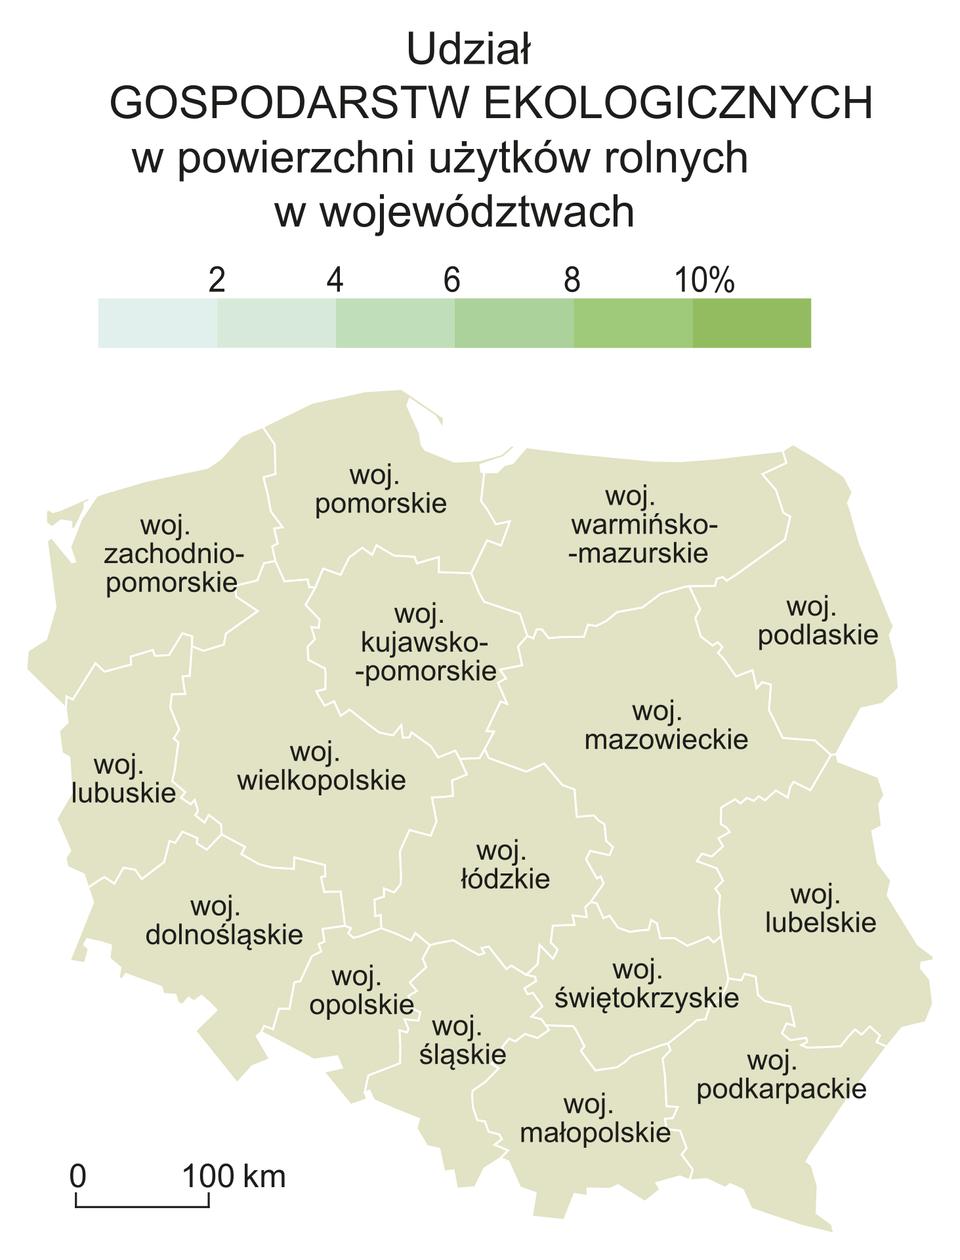 Na ilustracji mapa konturowa Polski zpodziałem na województwa. Nad nią legenda zkolorami. Kolory jasne niski udział gospodarstw ekologicznych wpowierzchni użytków rolnych (2%). Kolory ciemne większy udział gospodarstw ekologicznych wpowierzchni użytków rolnych (10%).